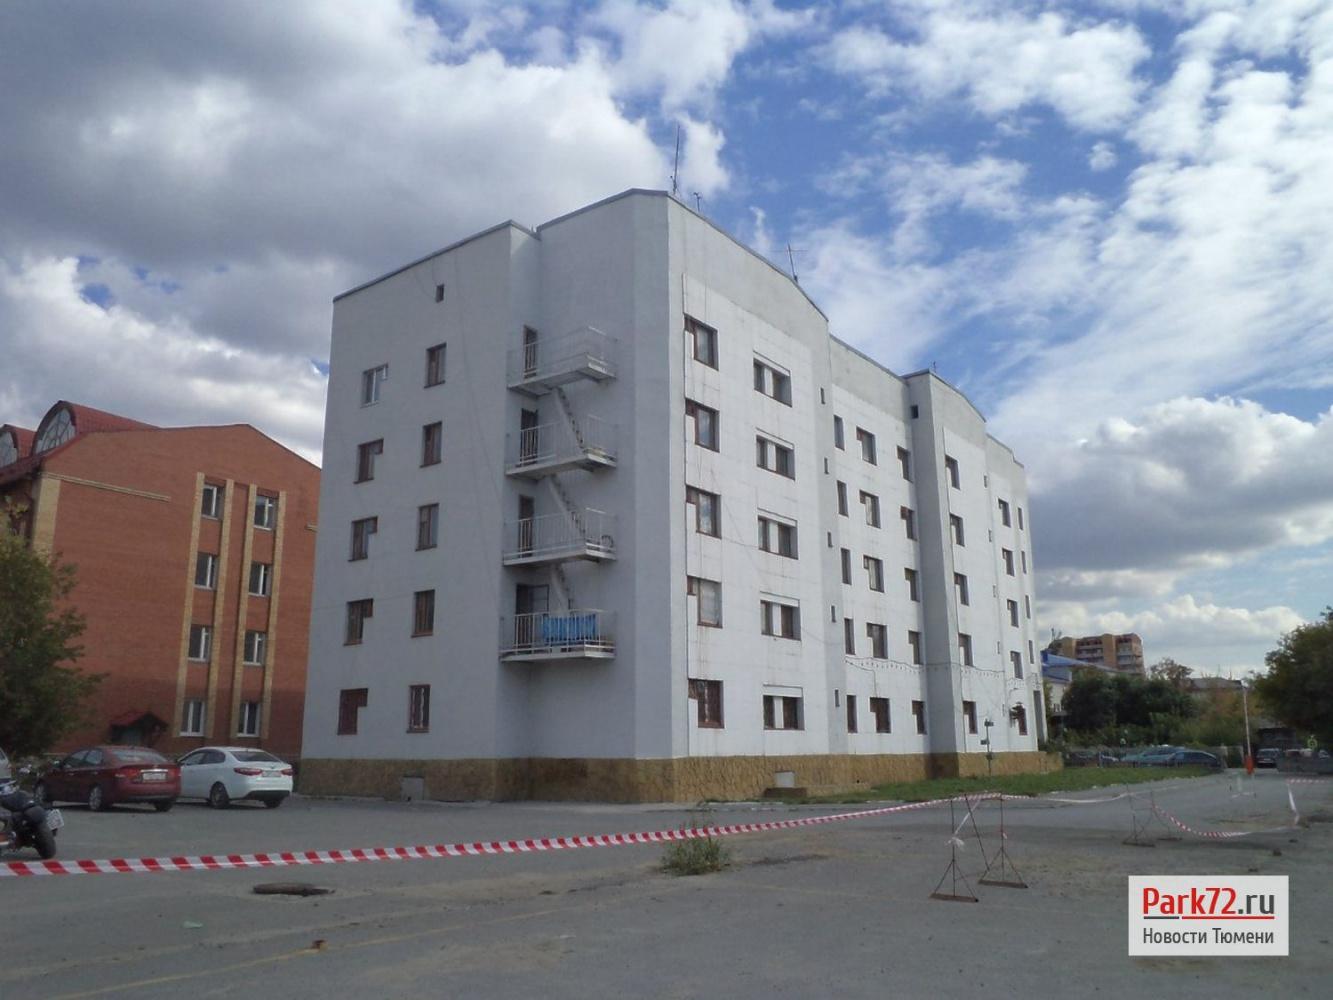 3 Одинокое здание общежития ТюмГУ №5 на Красина, 19 дополнится комплексом построек в логу_result